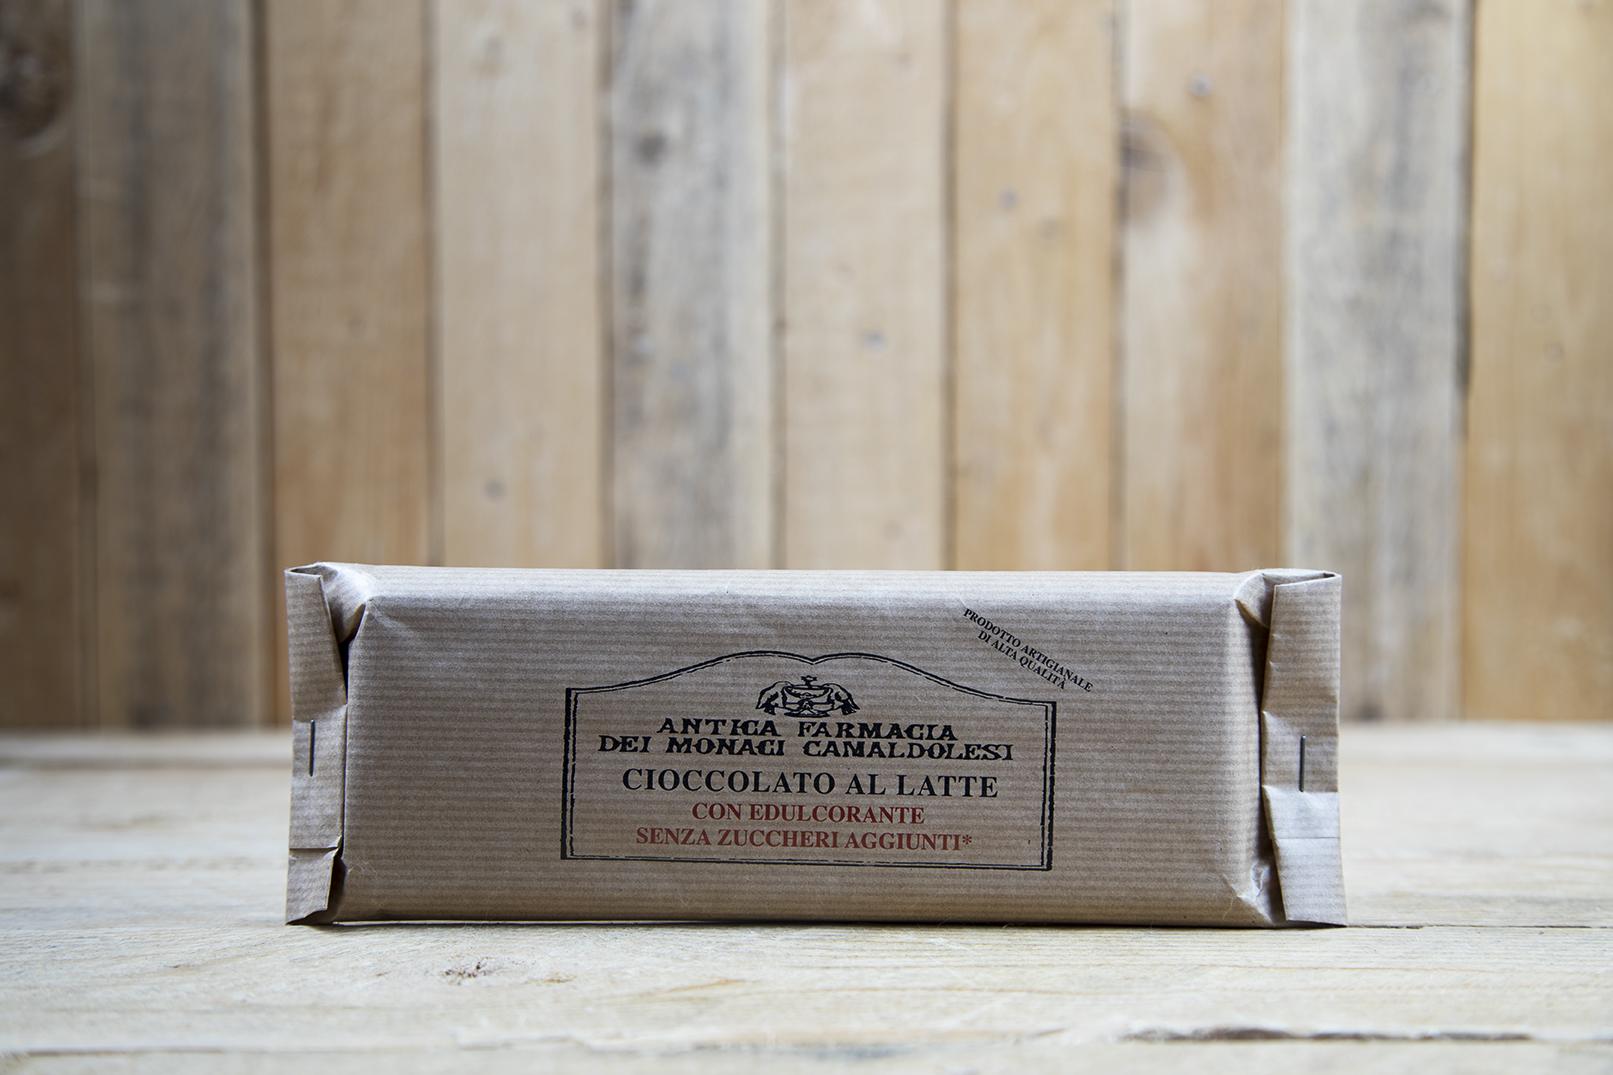 Cioccolato al latte senza zuccheri aggiunti